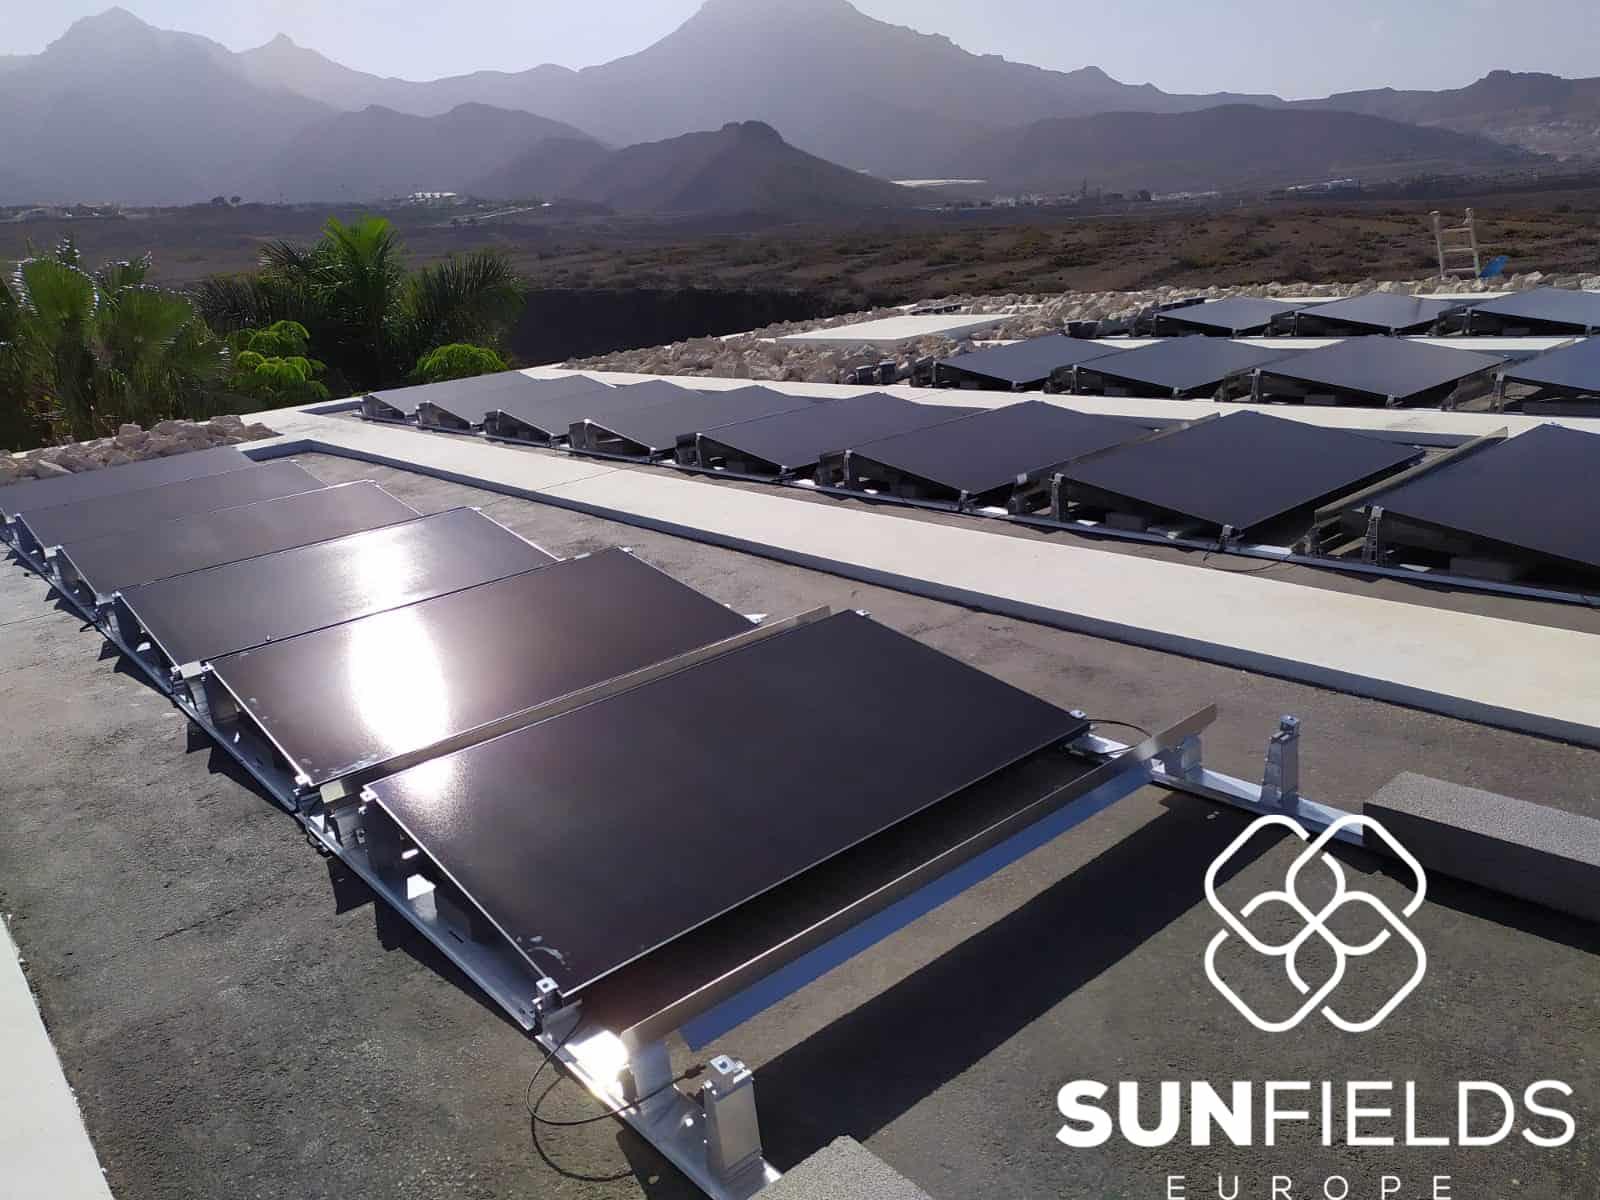 Proyecto de autoconsumo fotovoltaico de 10kW en Canarias